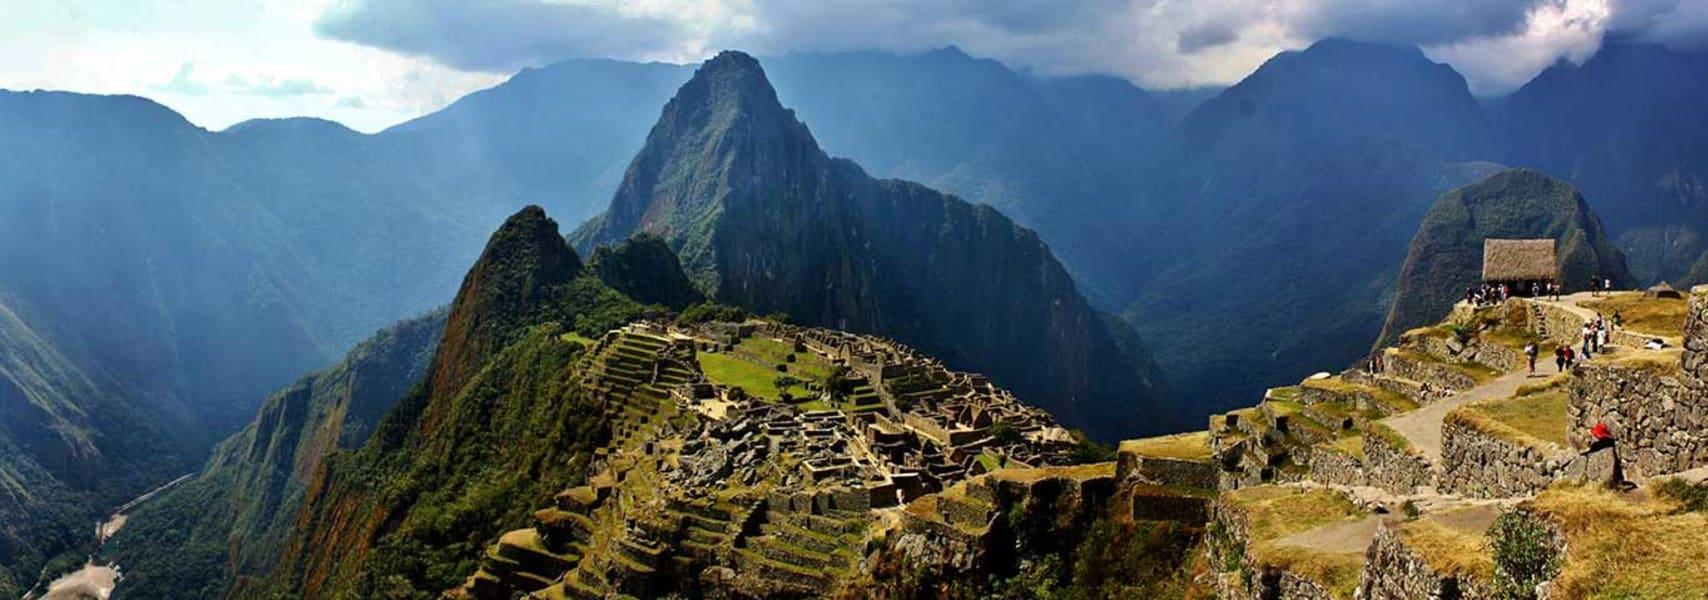 Quechuas Expeditions Cusco Peru Machu Picchu